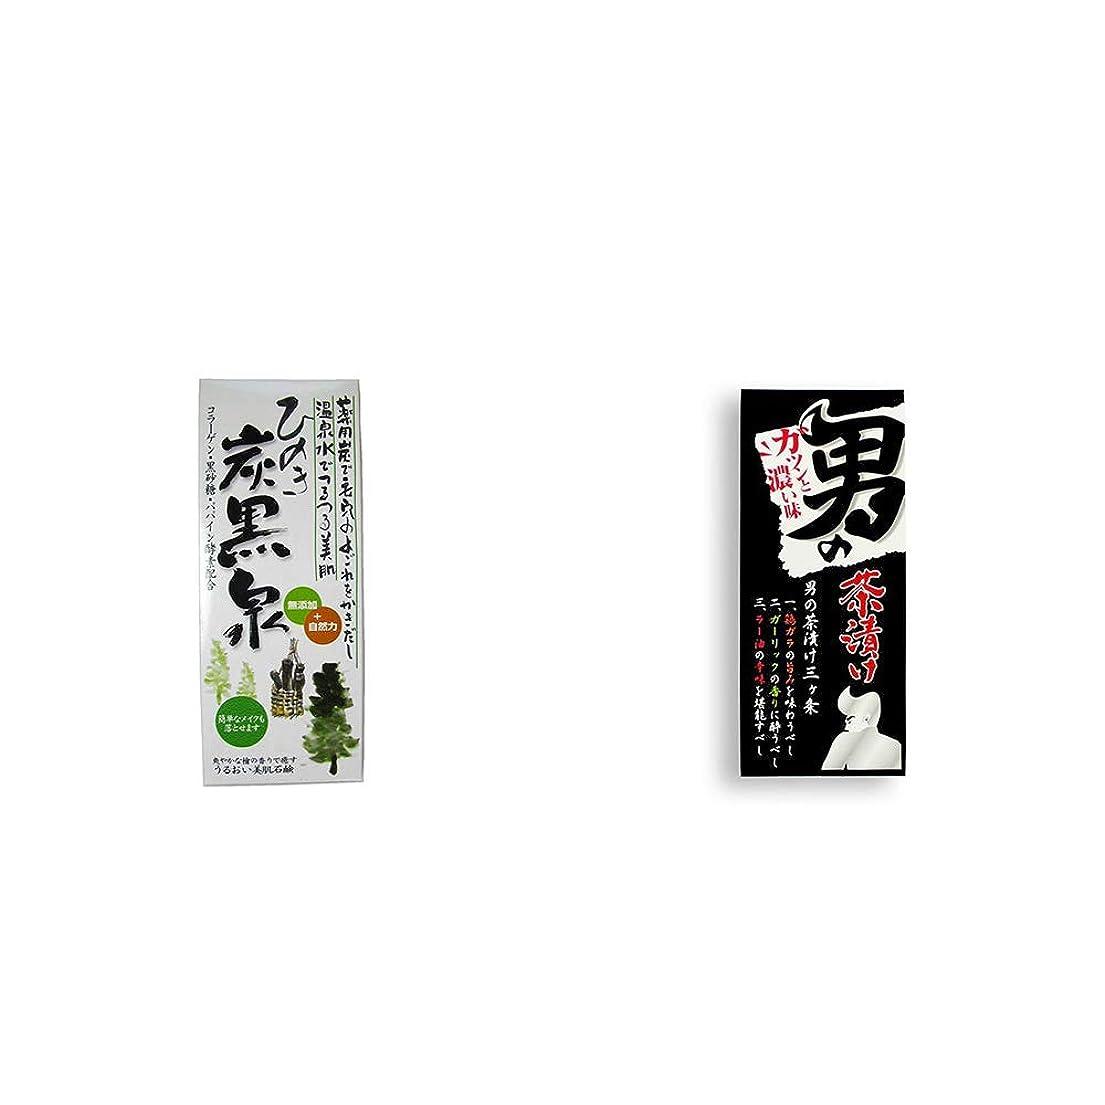 耐えるルネッサンス投票[2点セット] ひのき炭黒泉 箱入り(75g×3)?男の茶漬け(4.8g×8袋)